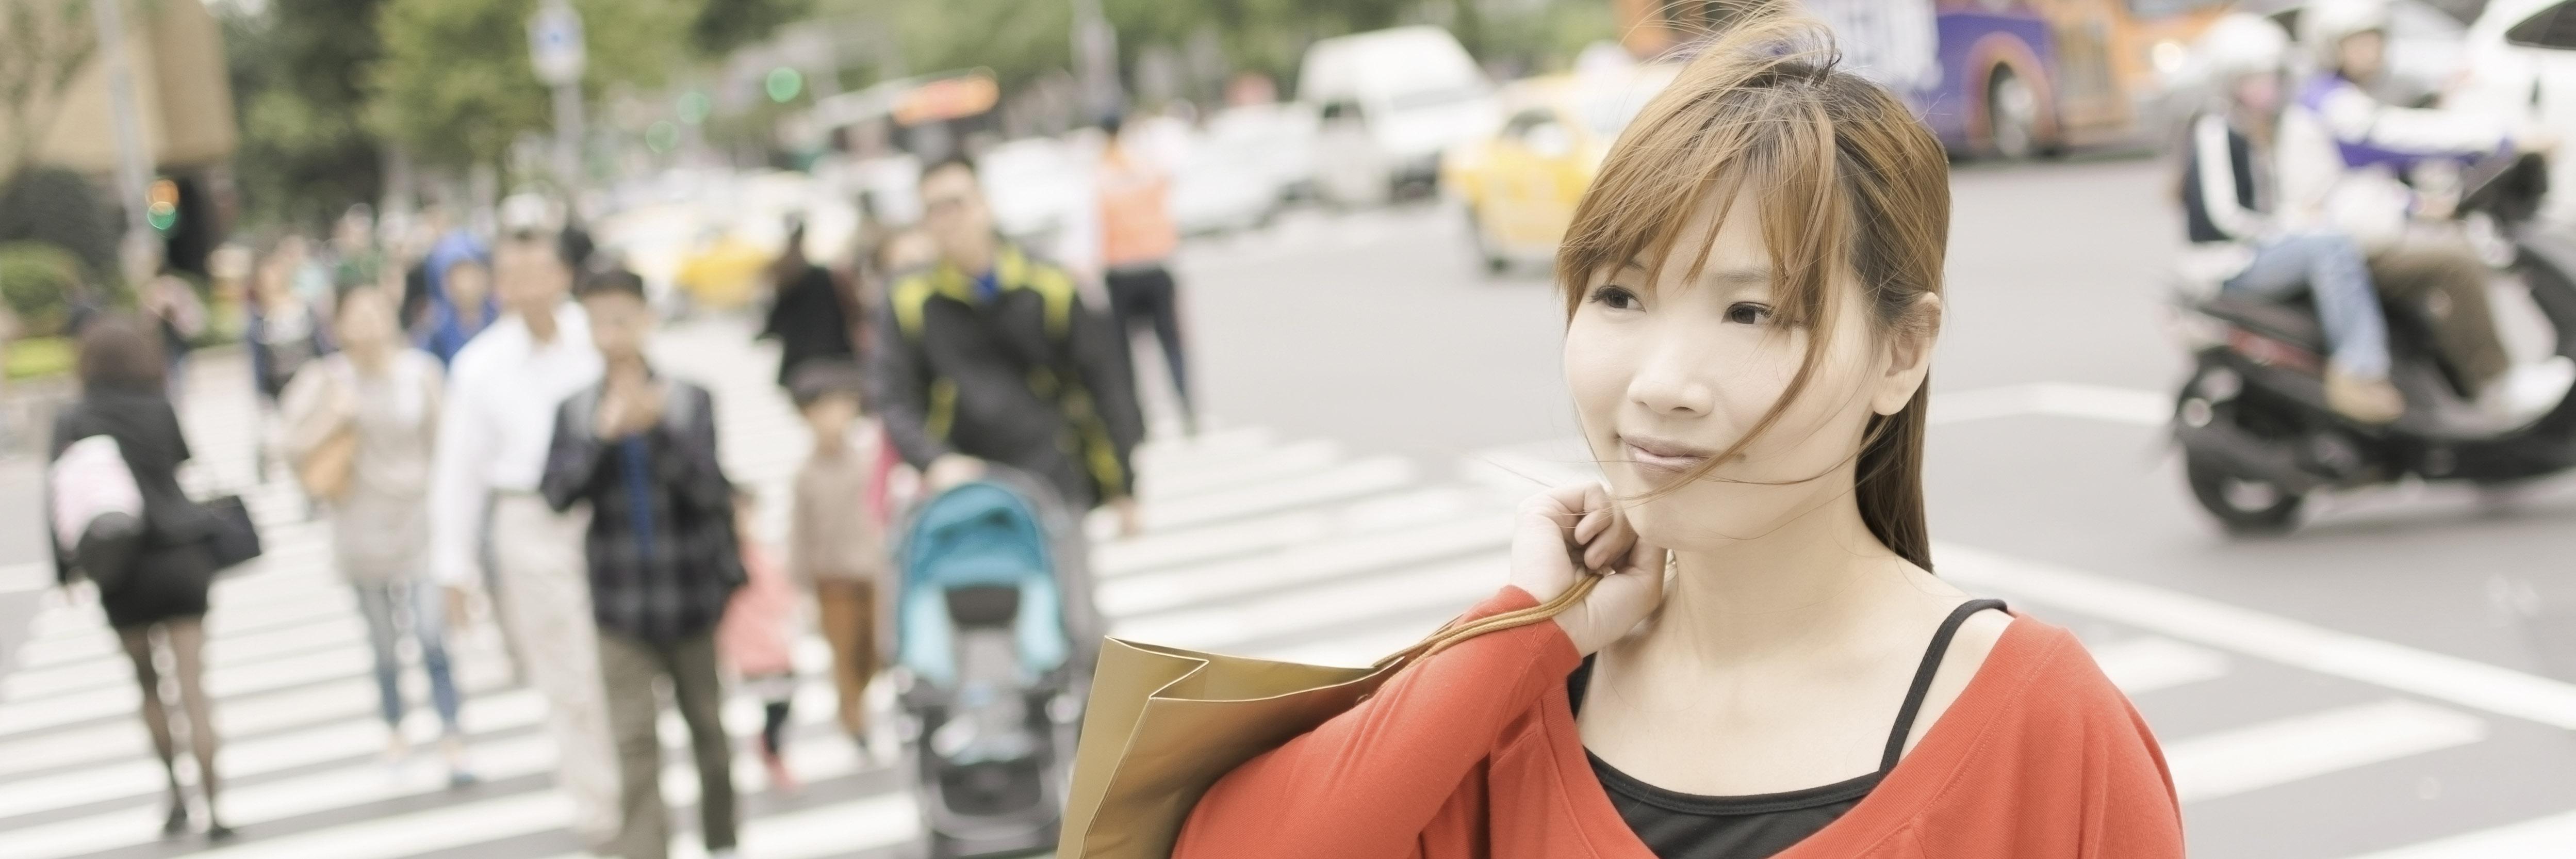 Kinesisk kvinna i stad